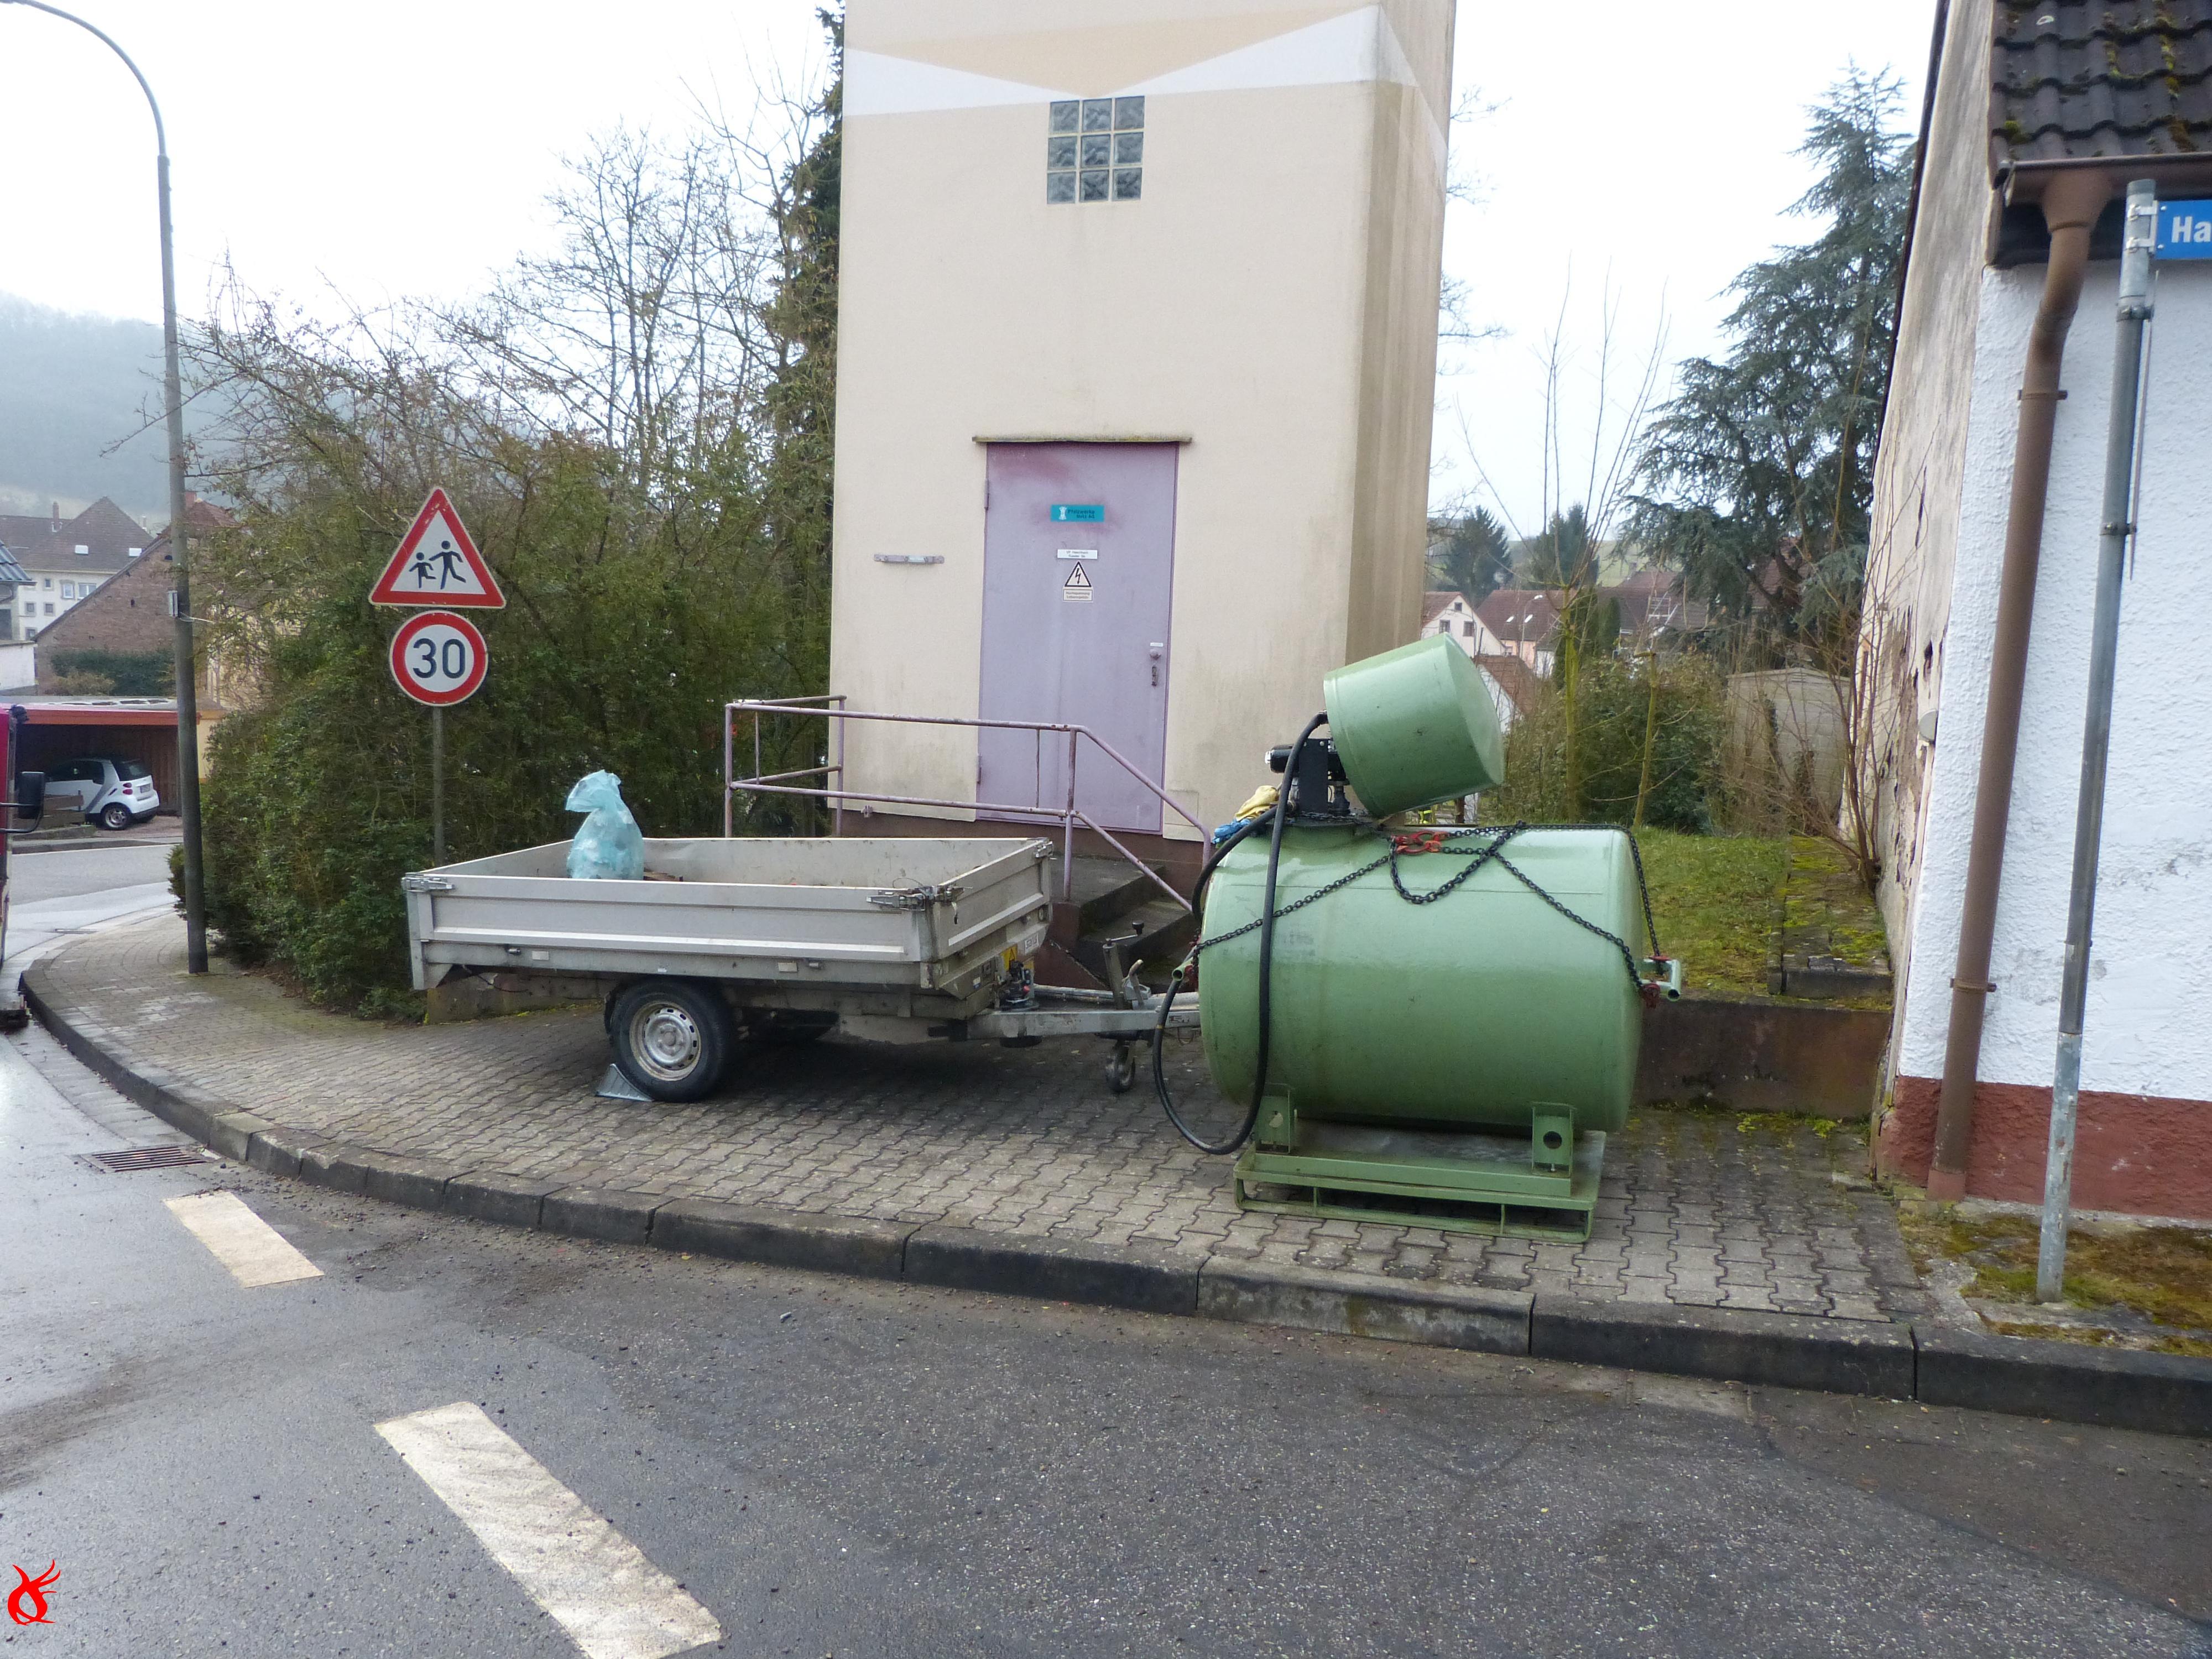 GG2 - Betriebsst. auf Gewässer / Gasgeruch